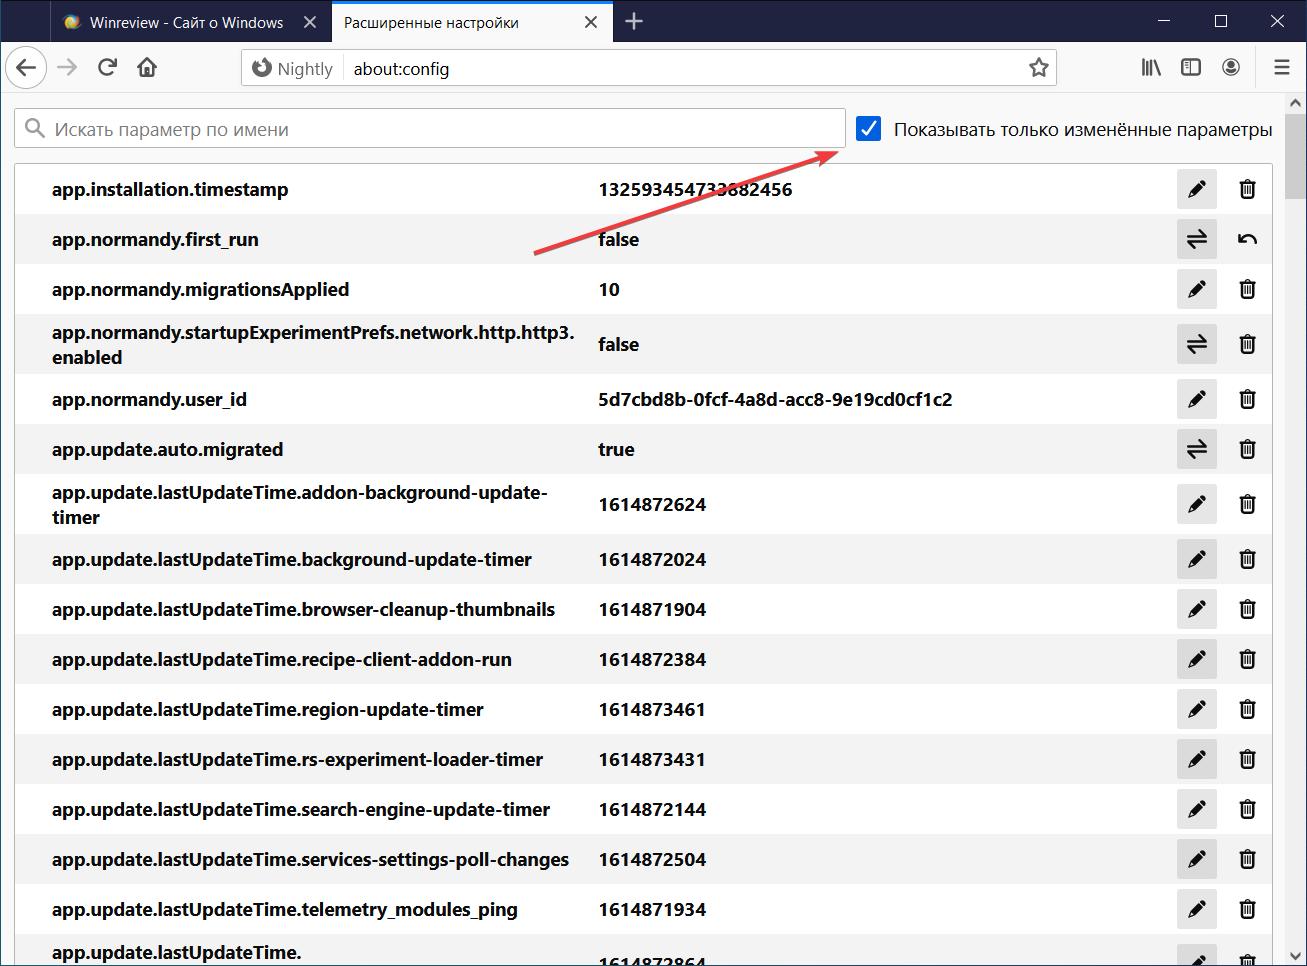 Firefox Показывать только измененные параметры